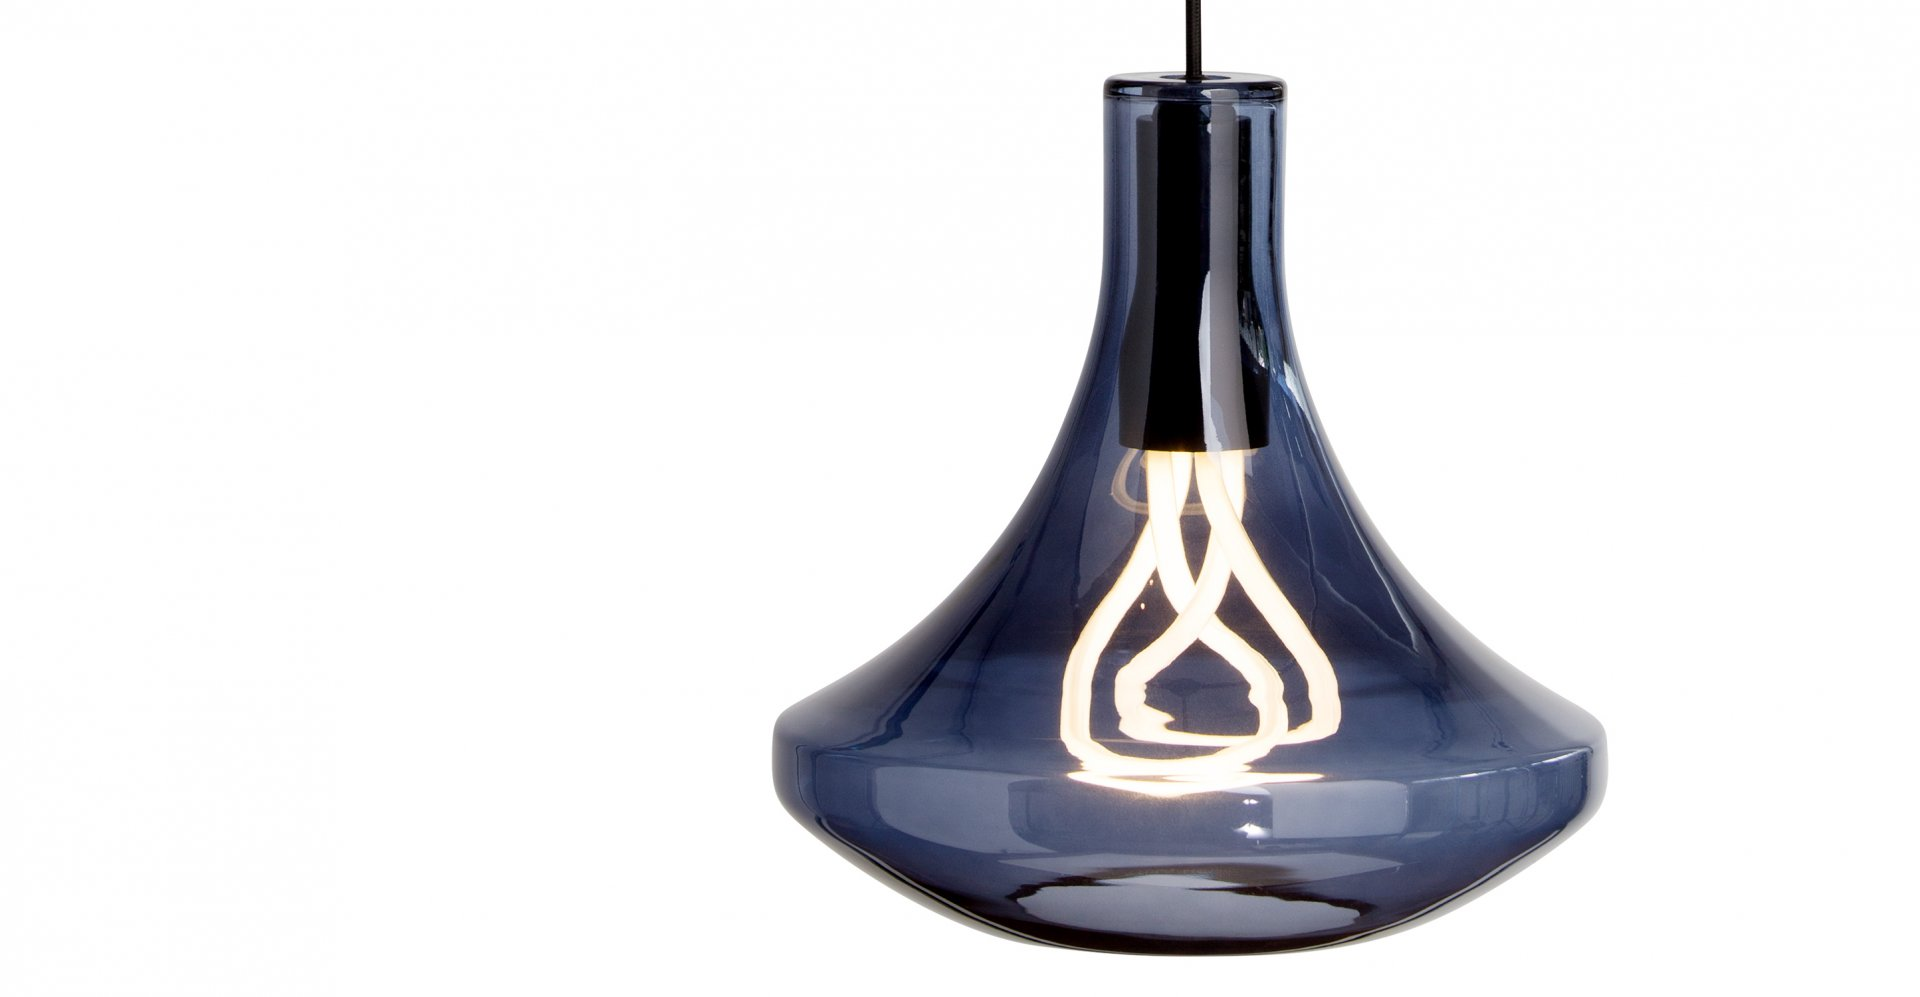 003_Plume_Light_Smoke_Blue_LB1 Made.com Hulger